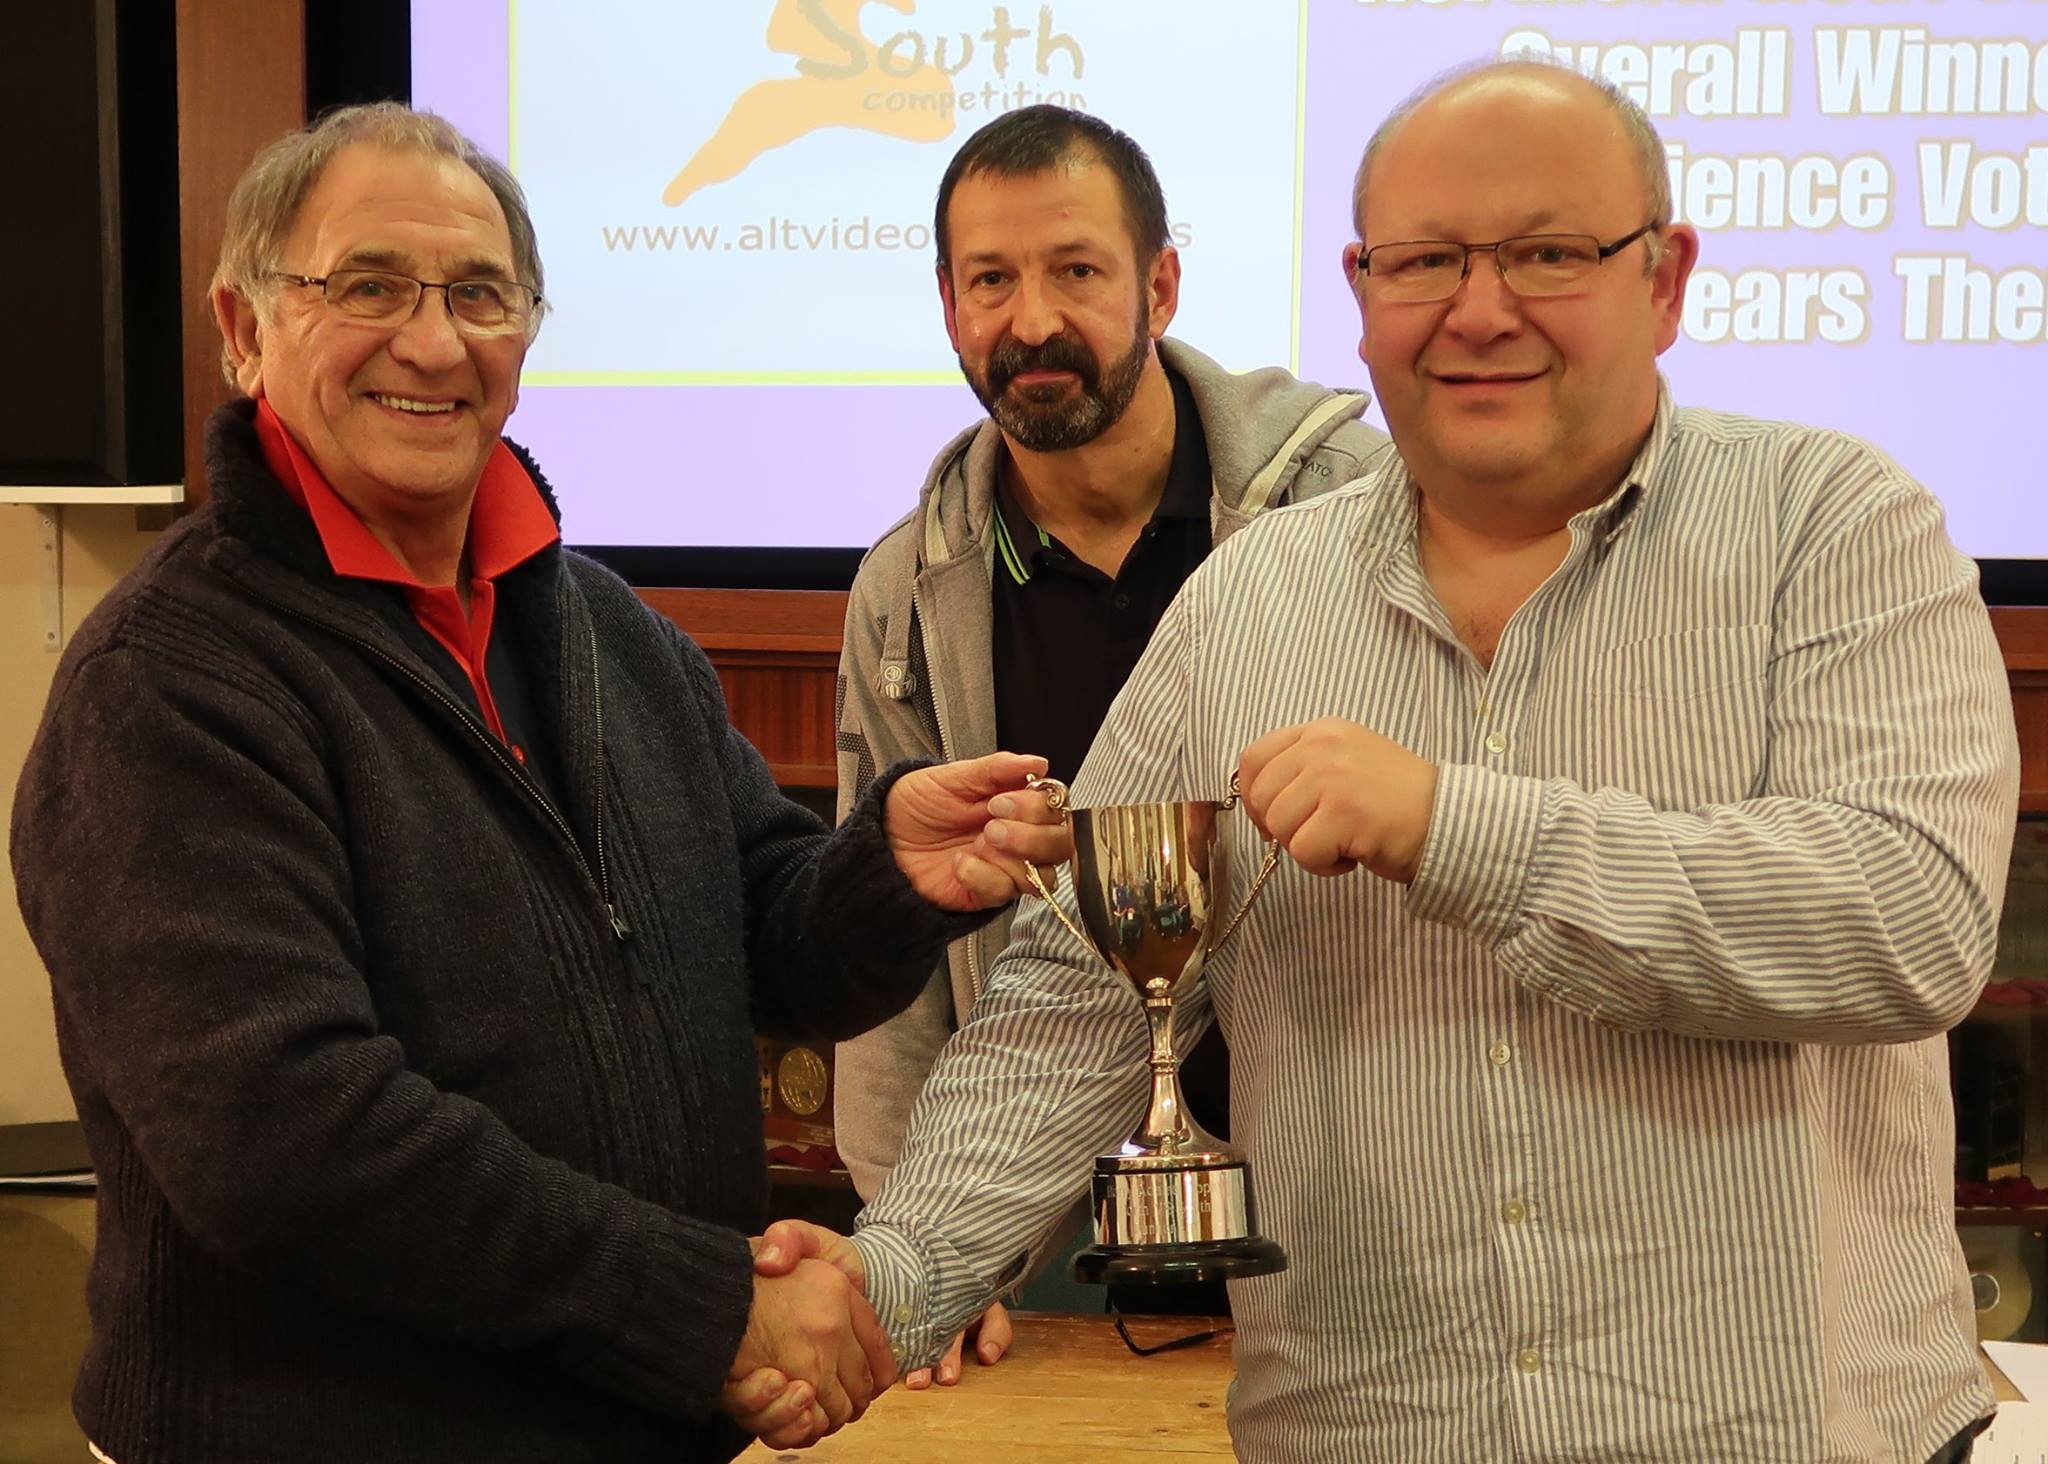 North Vs South Award 2016